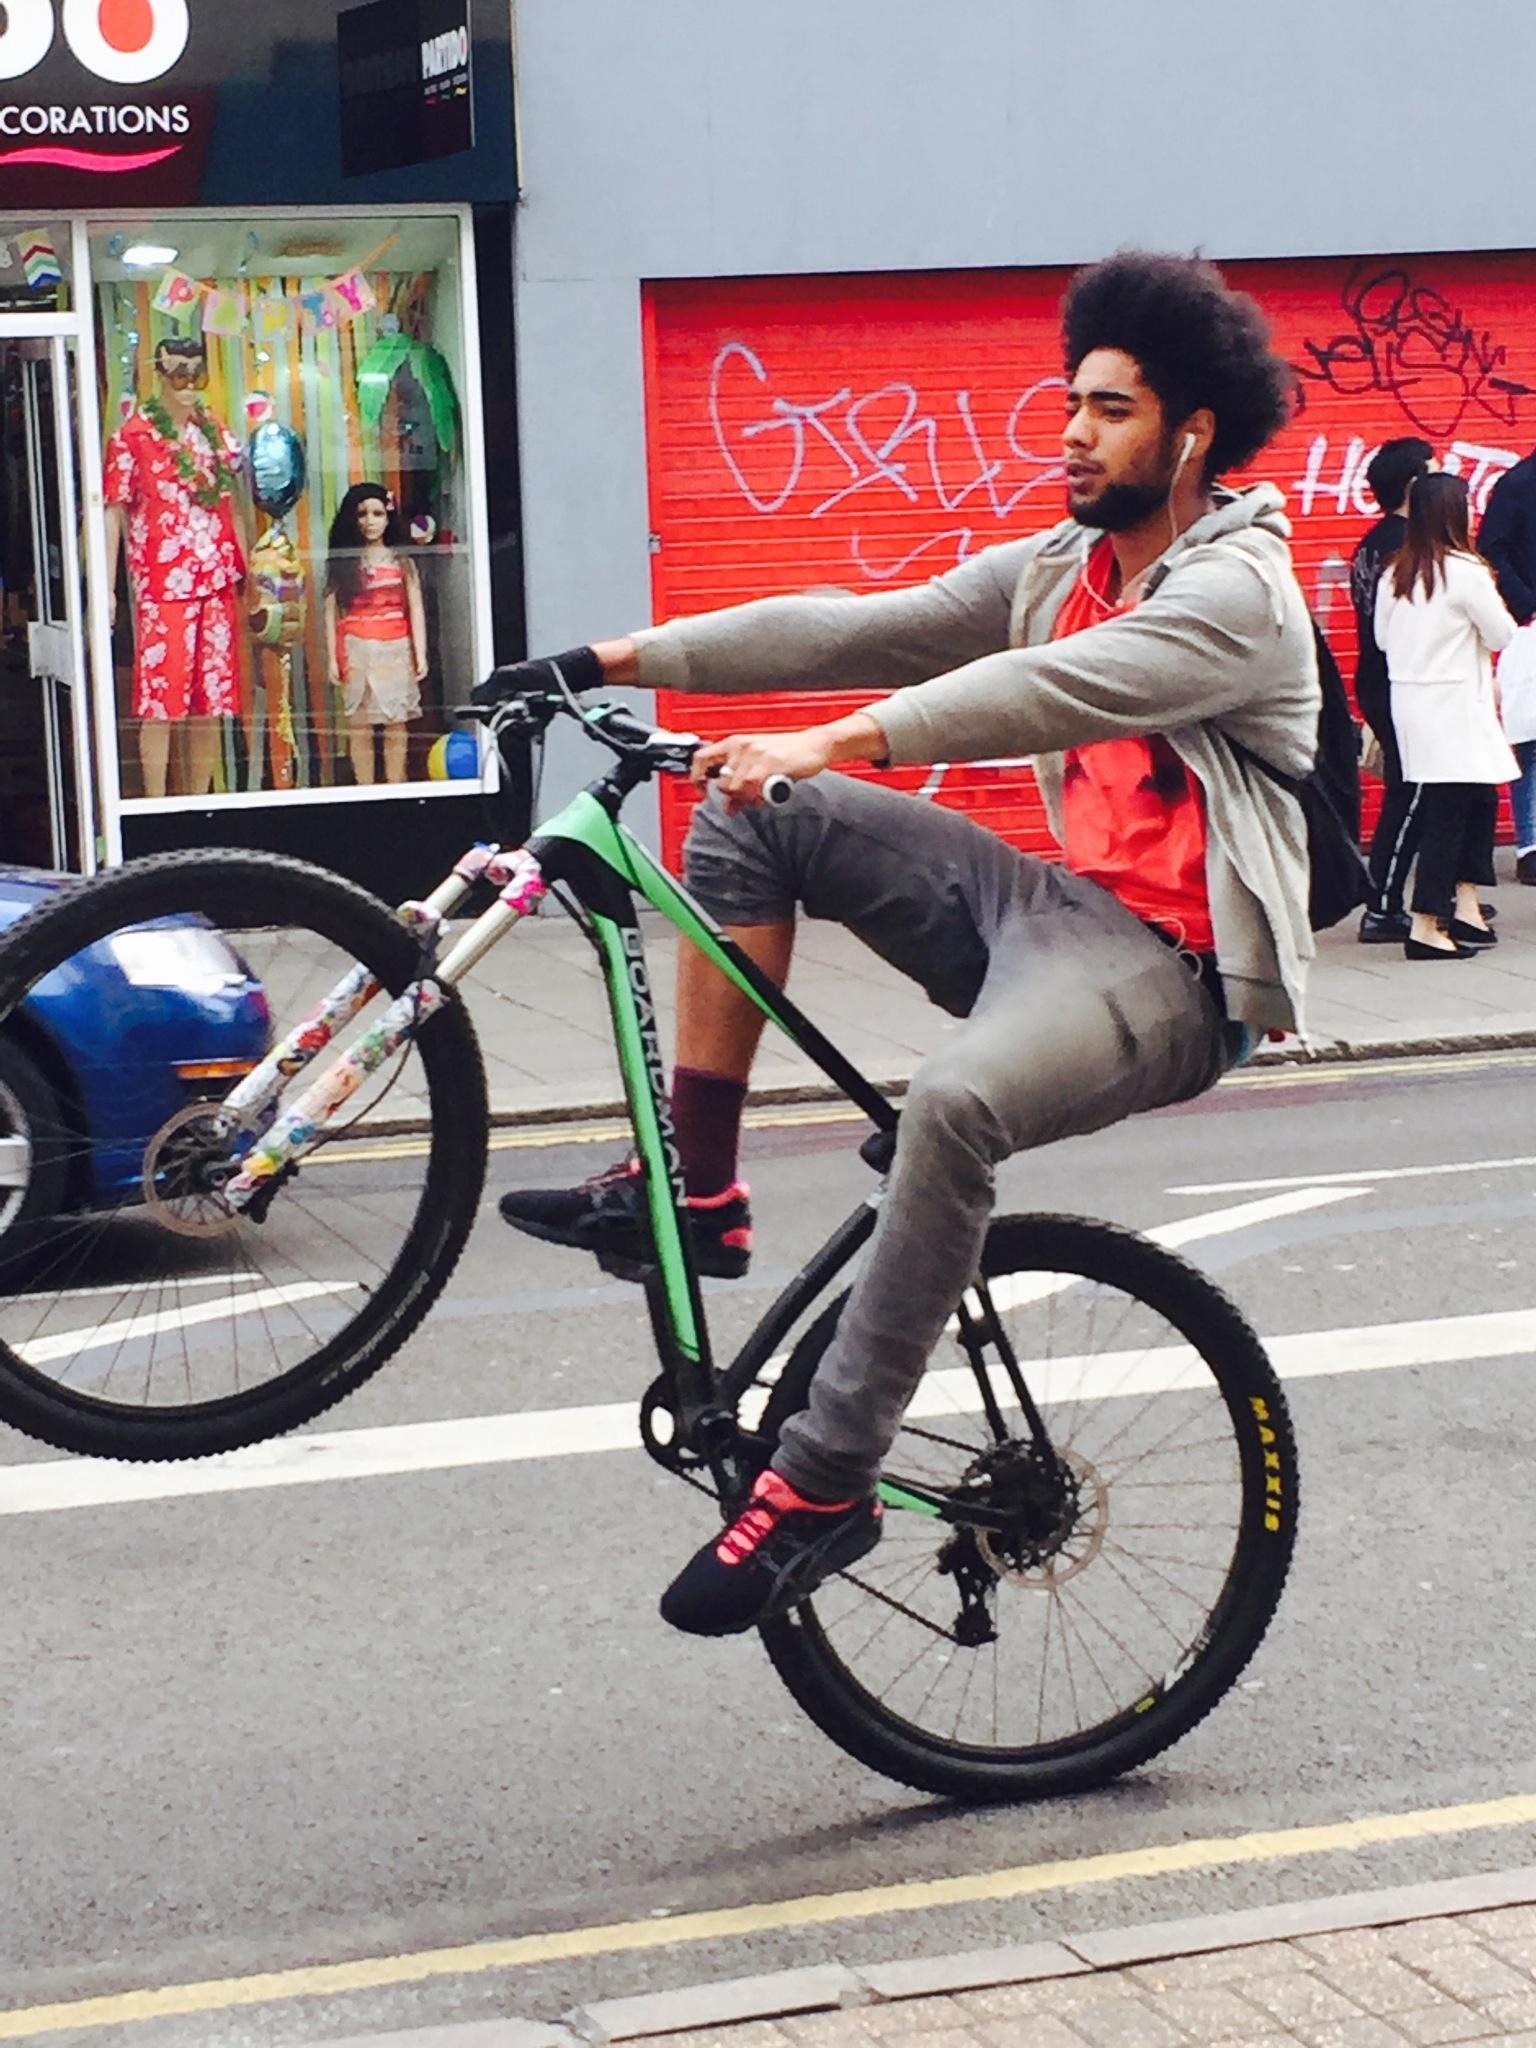 Bicycle by KurdSpring